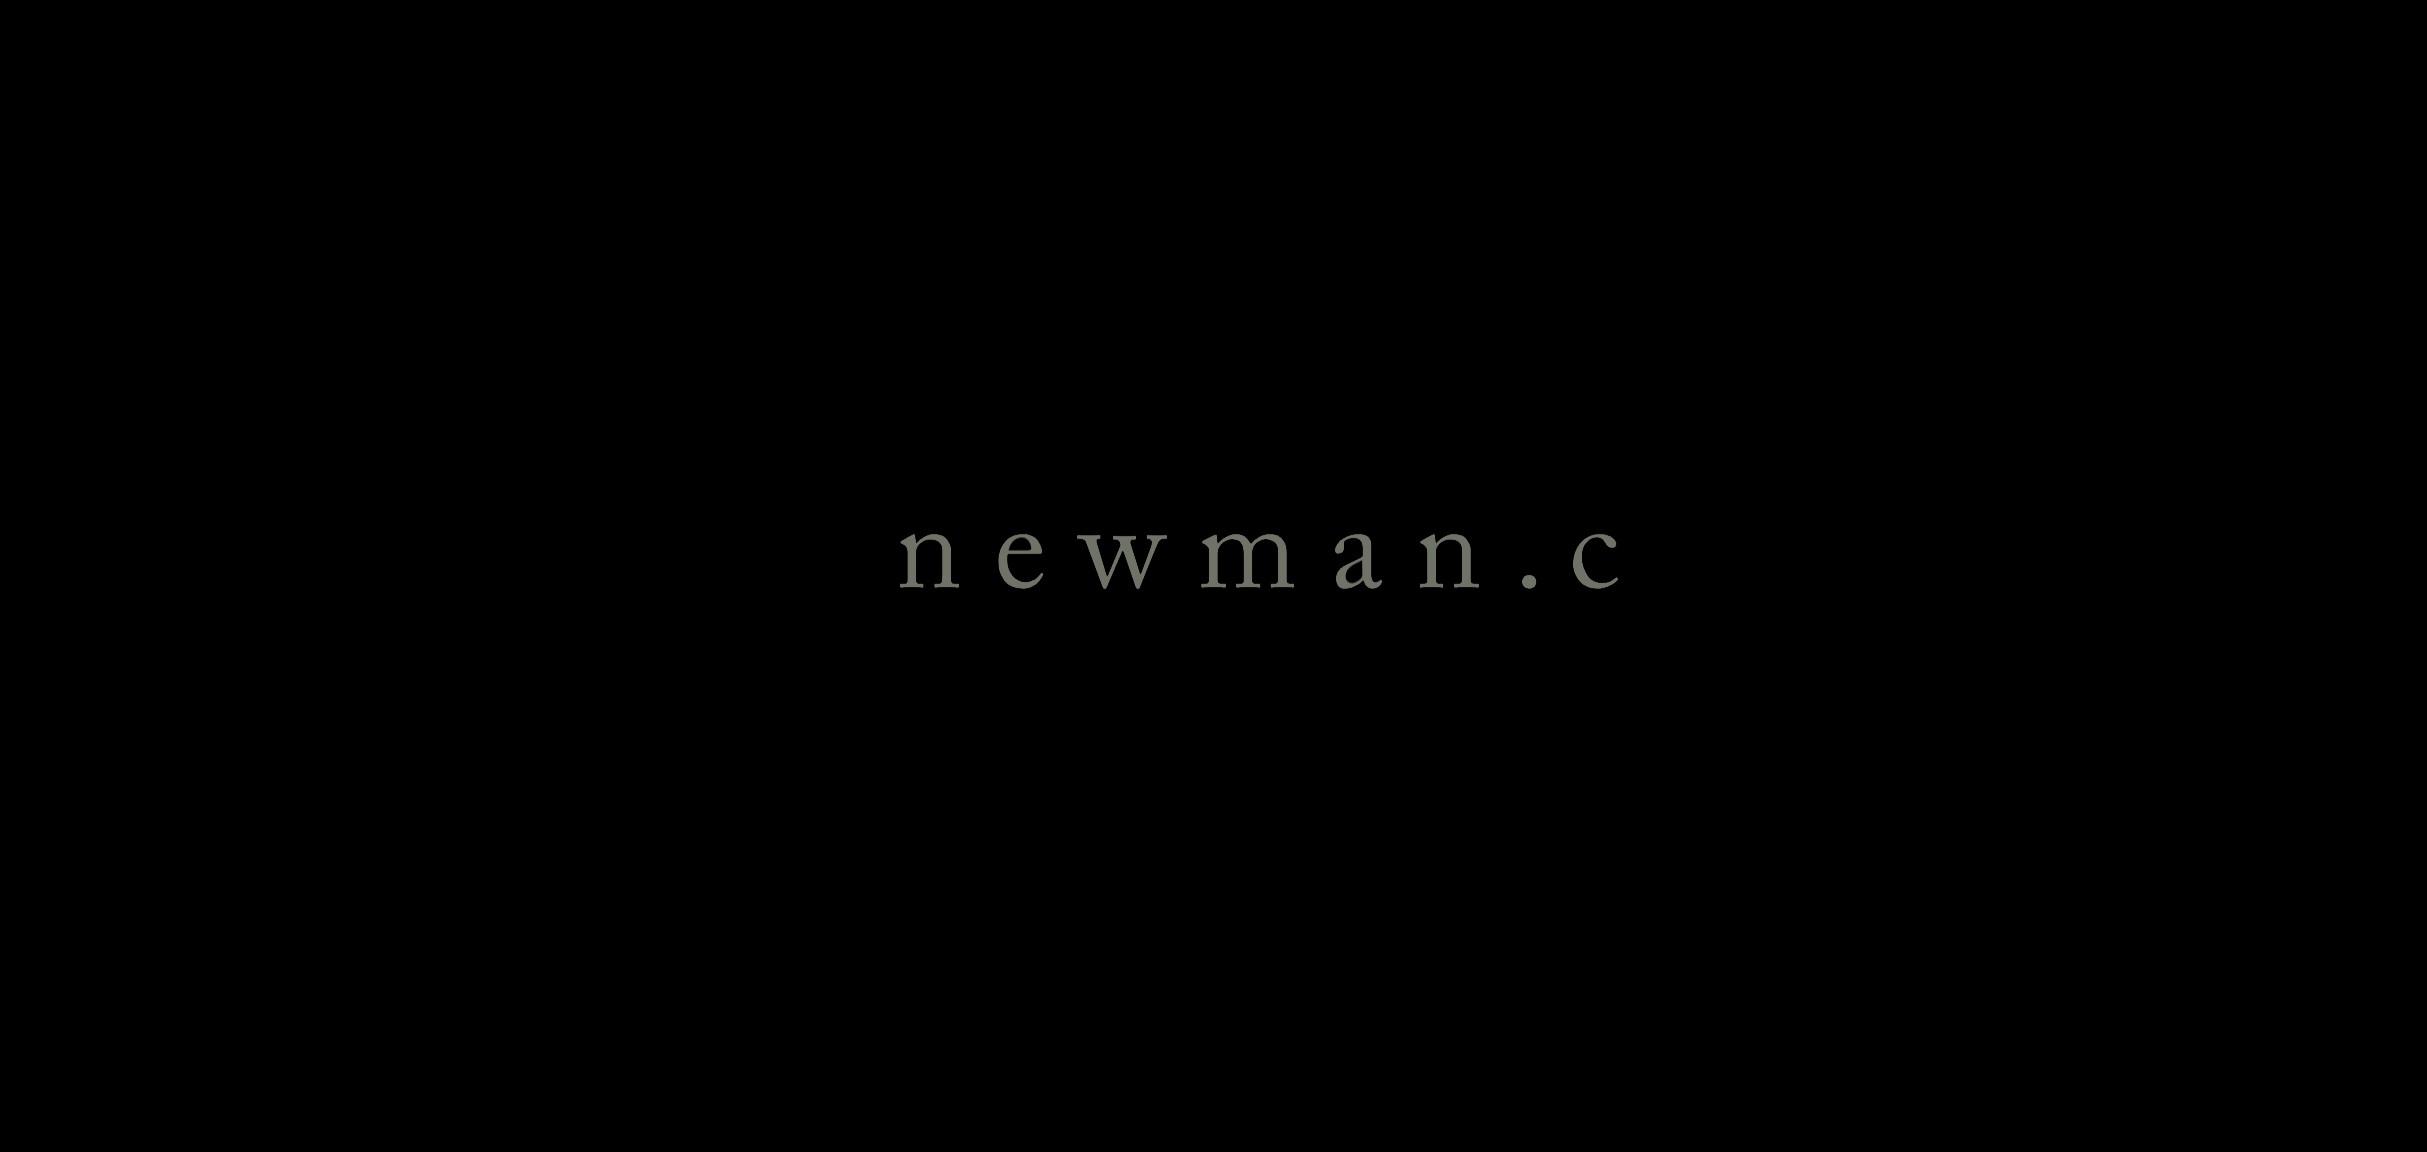 newman.c